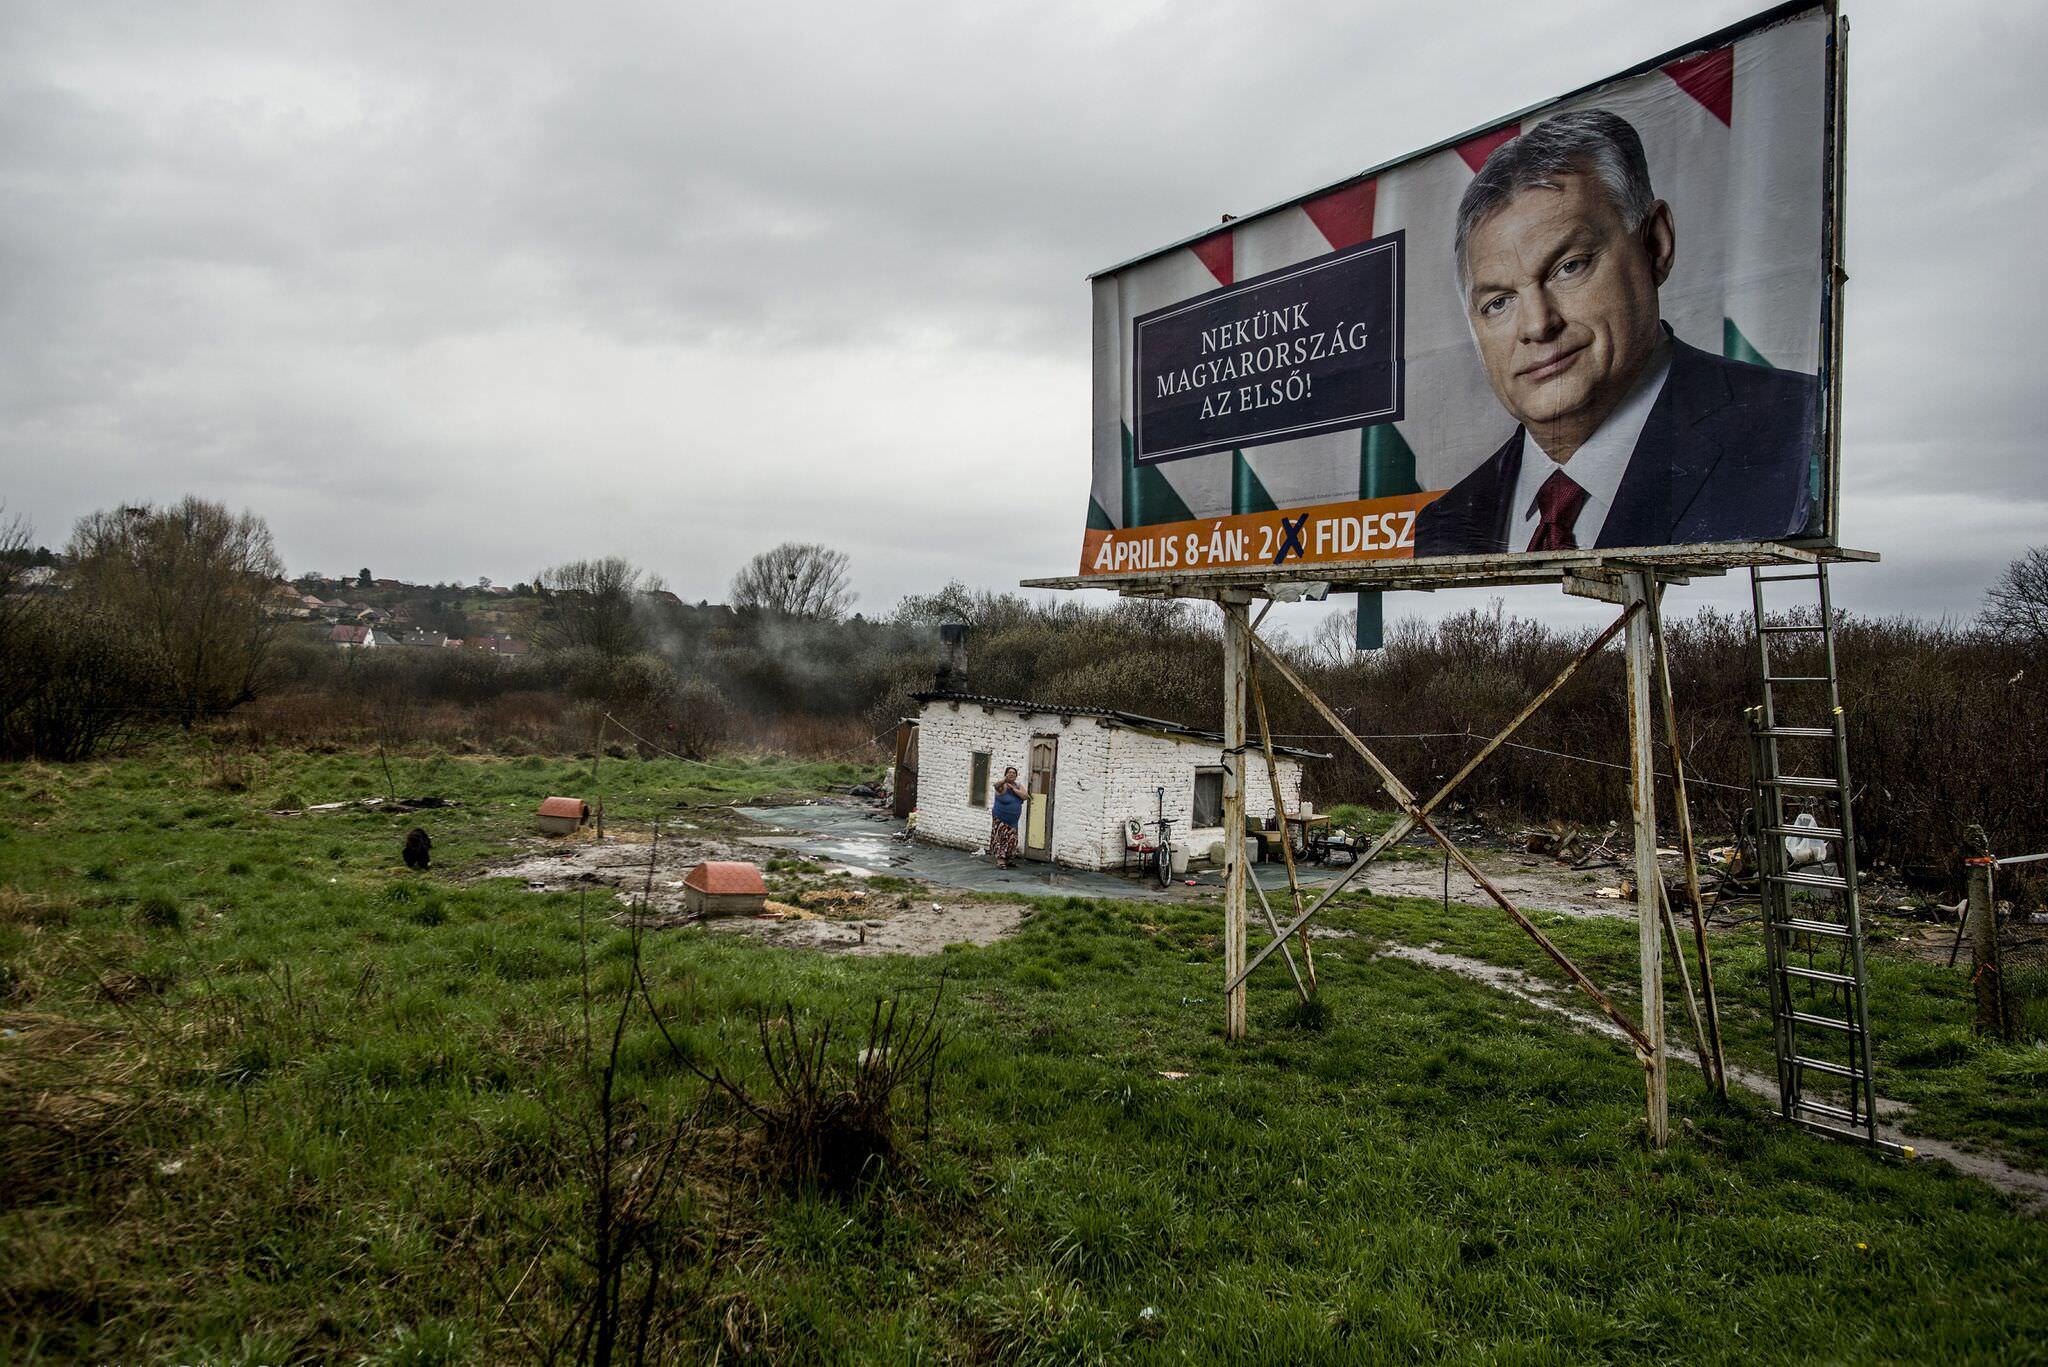 Társadalomábrázolás, dokumentarista fotográfia (egyedi) 3. díj: Röhrig Dániel (Adathír.hu): Választás 2018